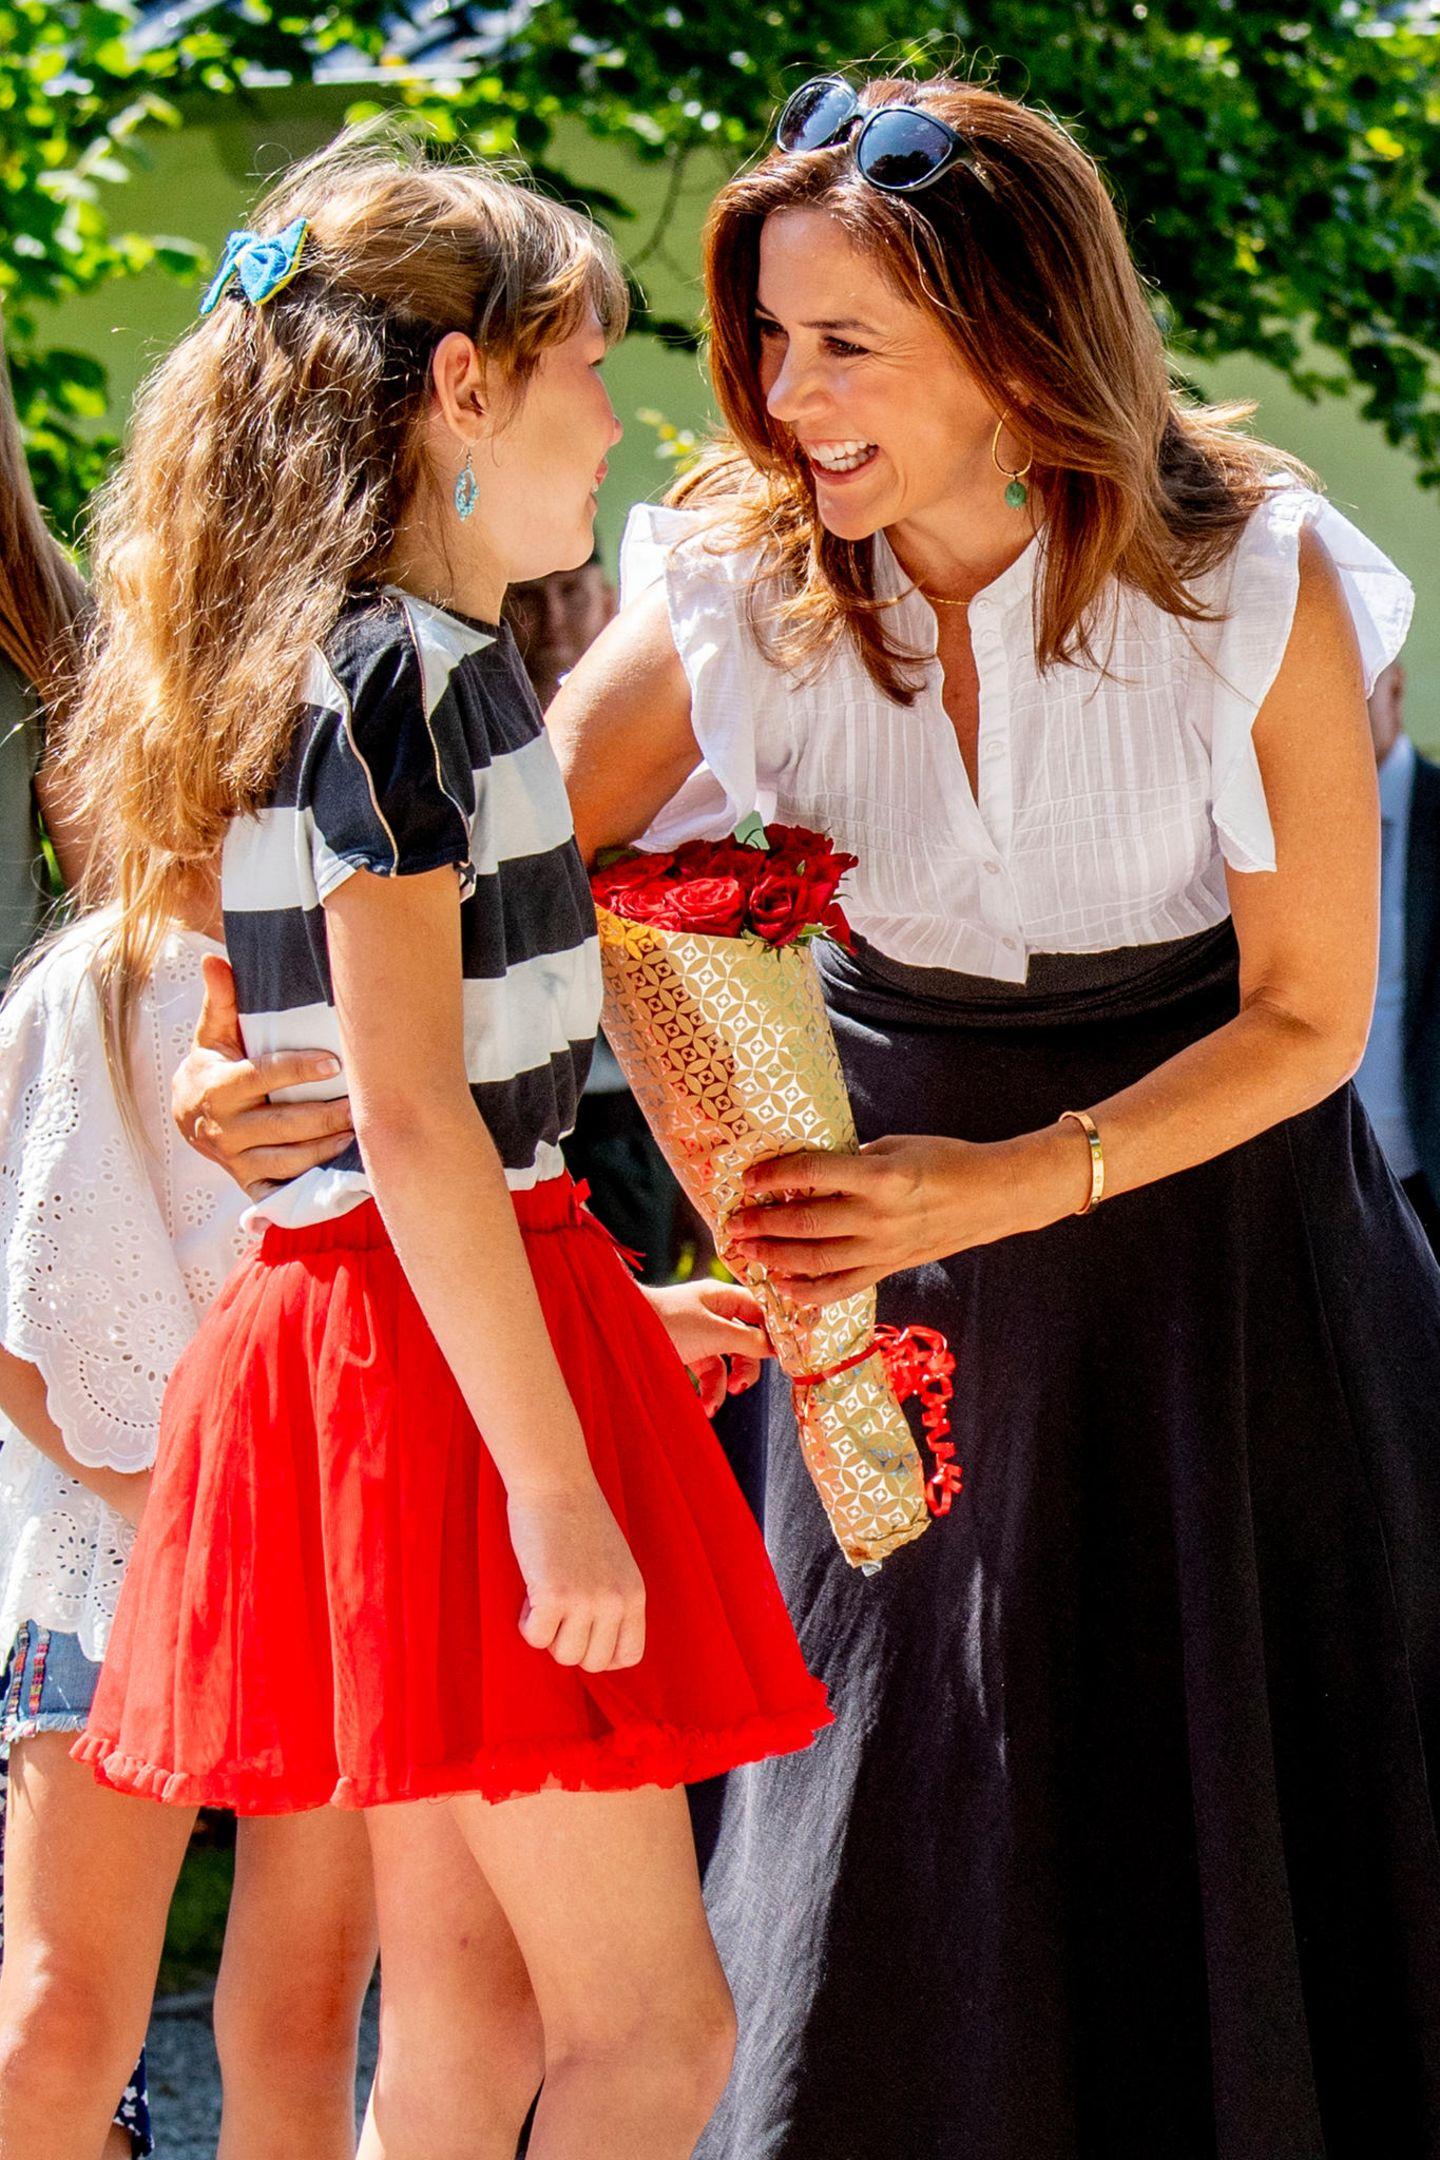 15. Juli 2018  Ein Fan von Kronprinzessin Mary überbringt ihr ein Strauß Blumen.